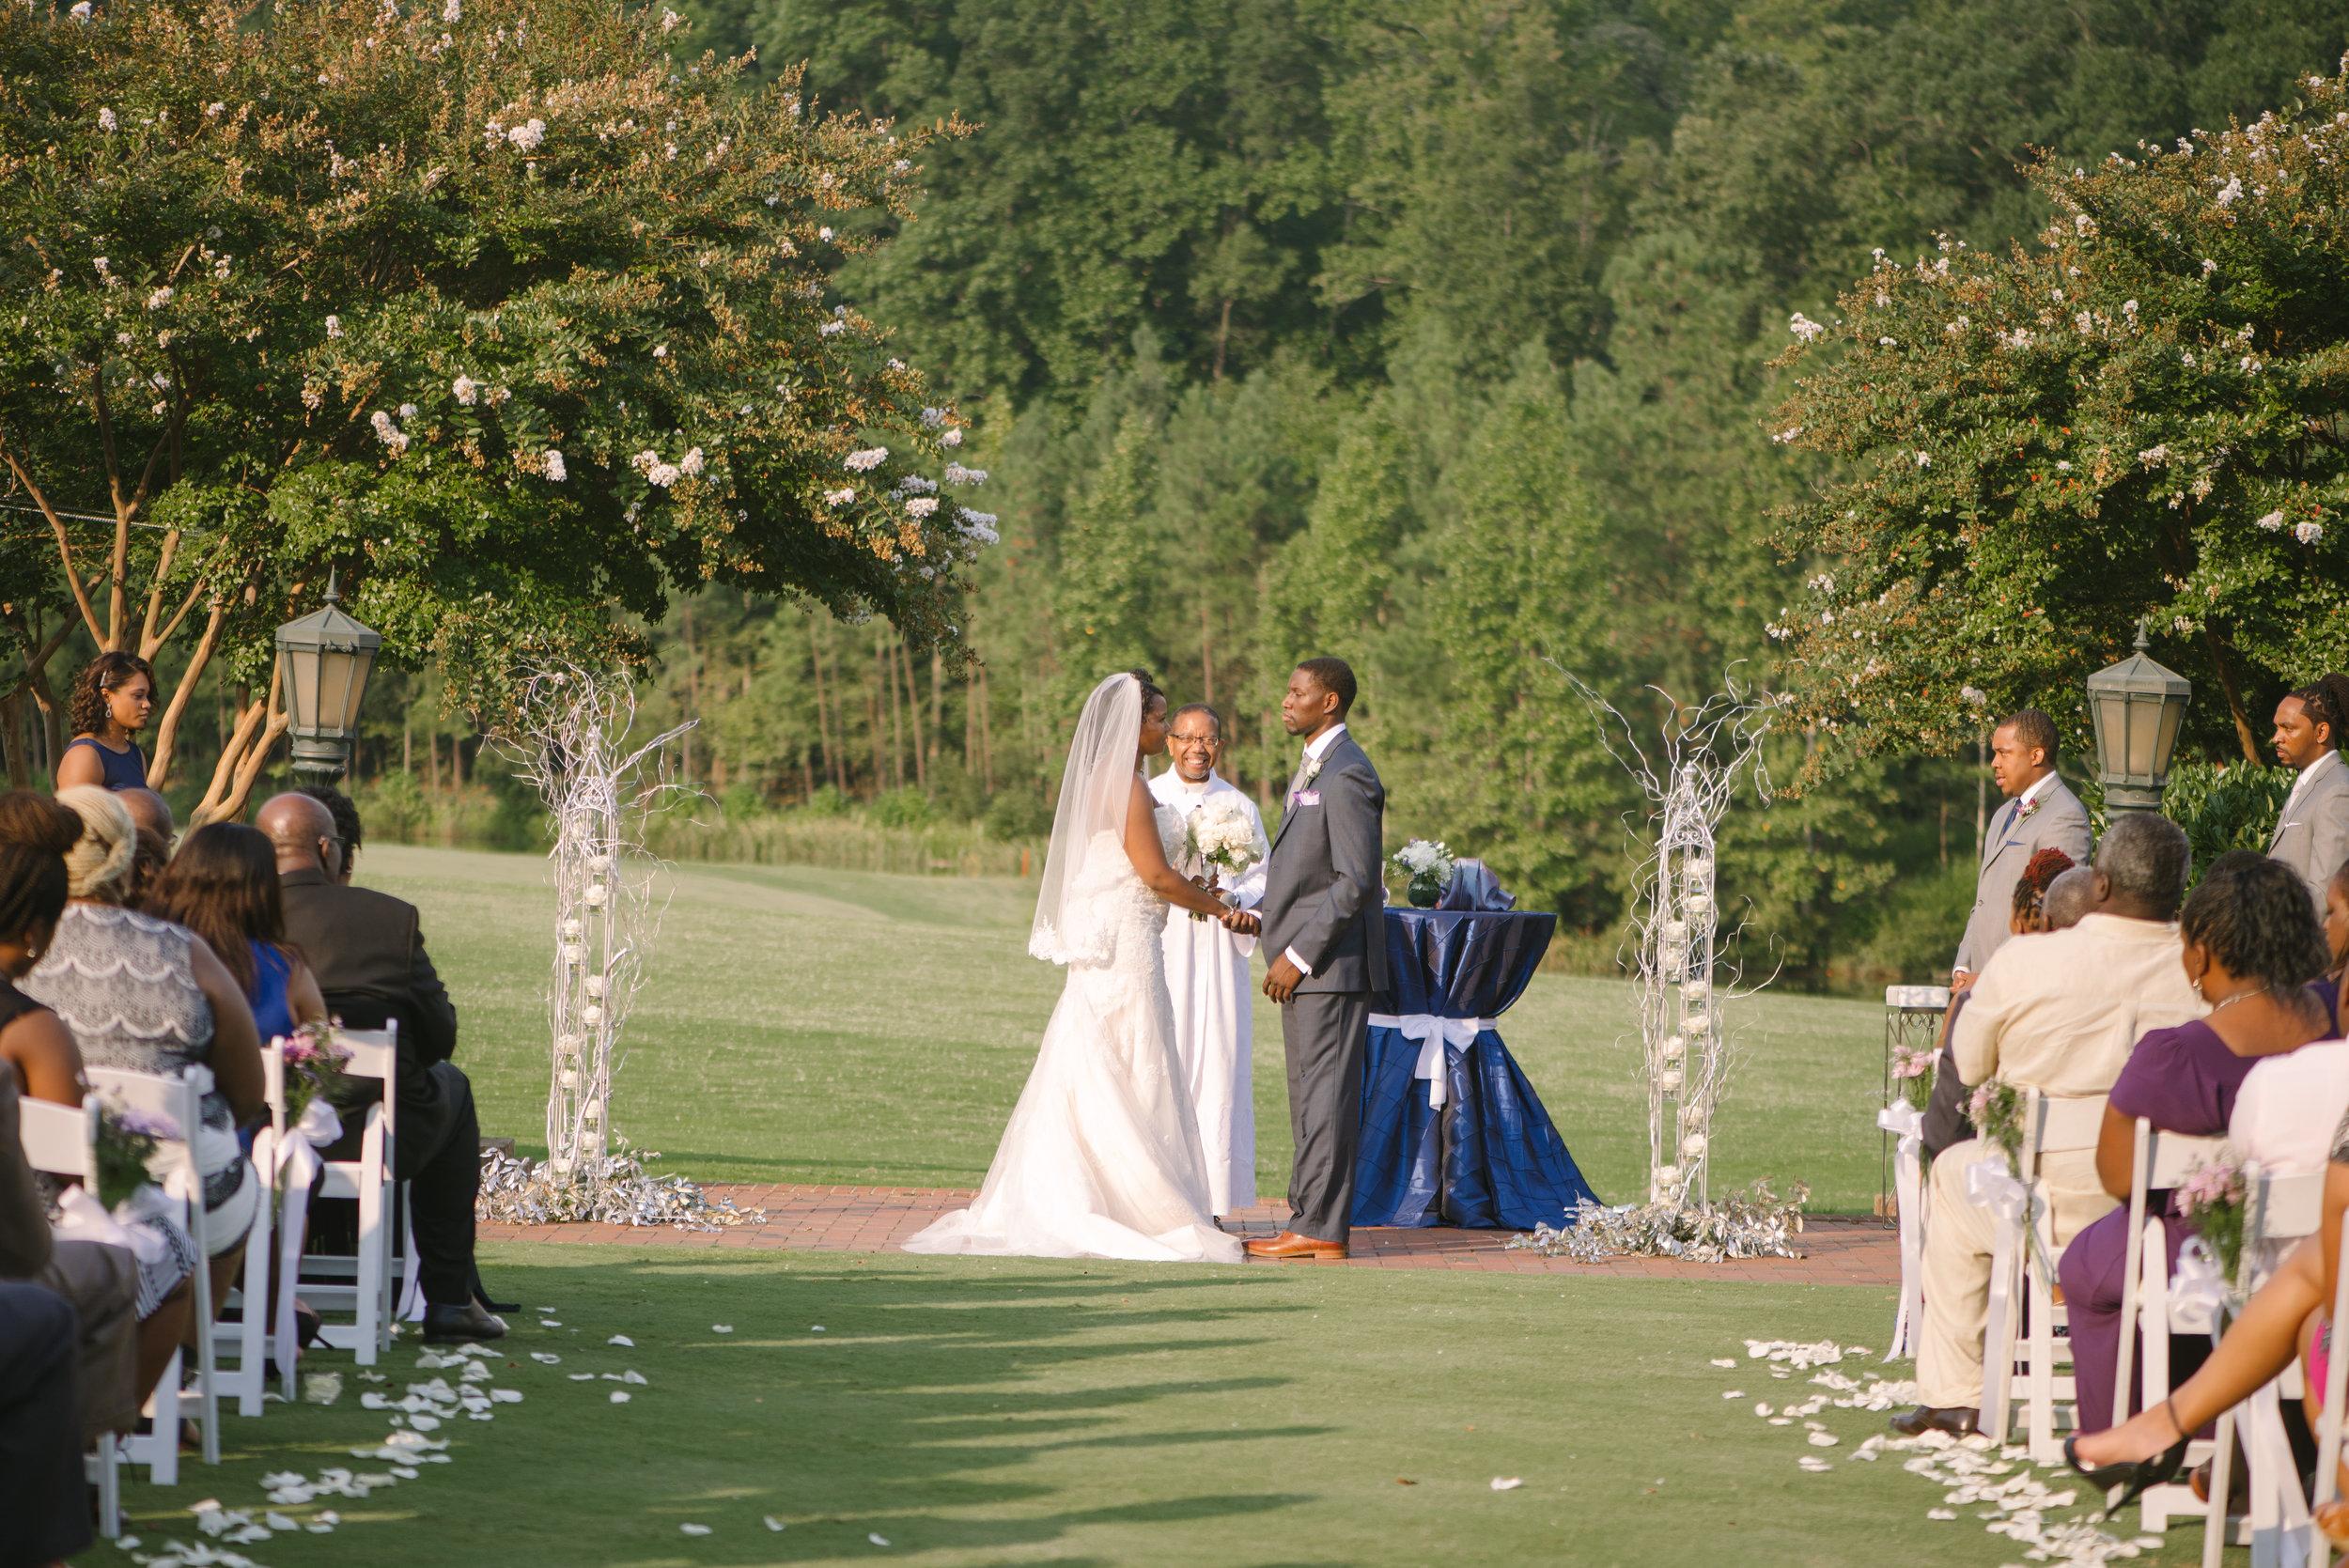 rebbie-alexander-married-205.jpg